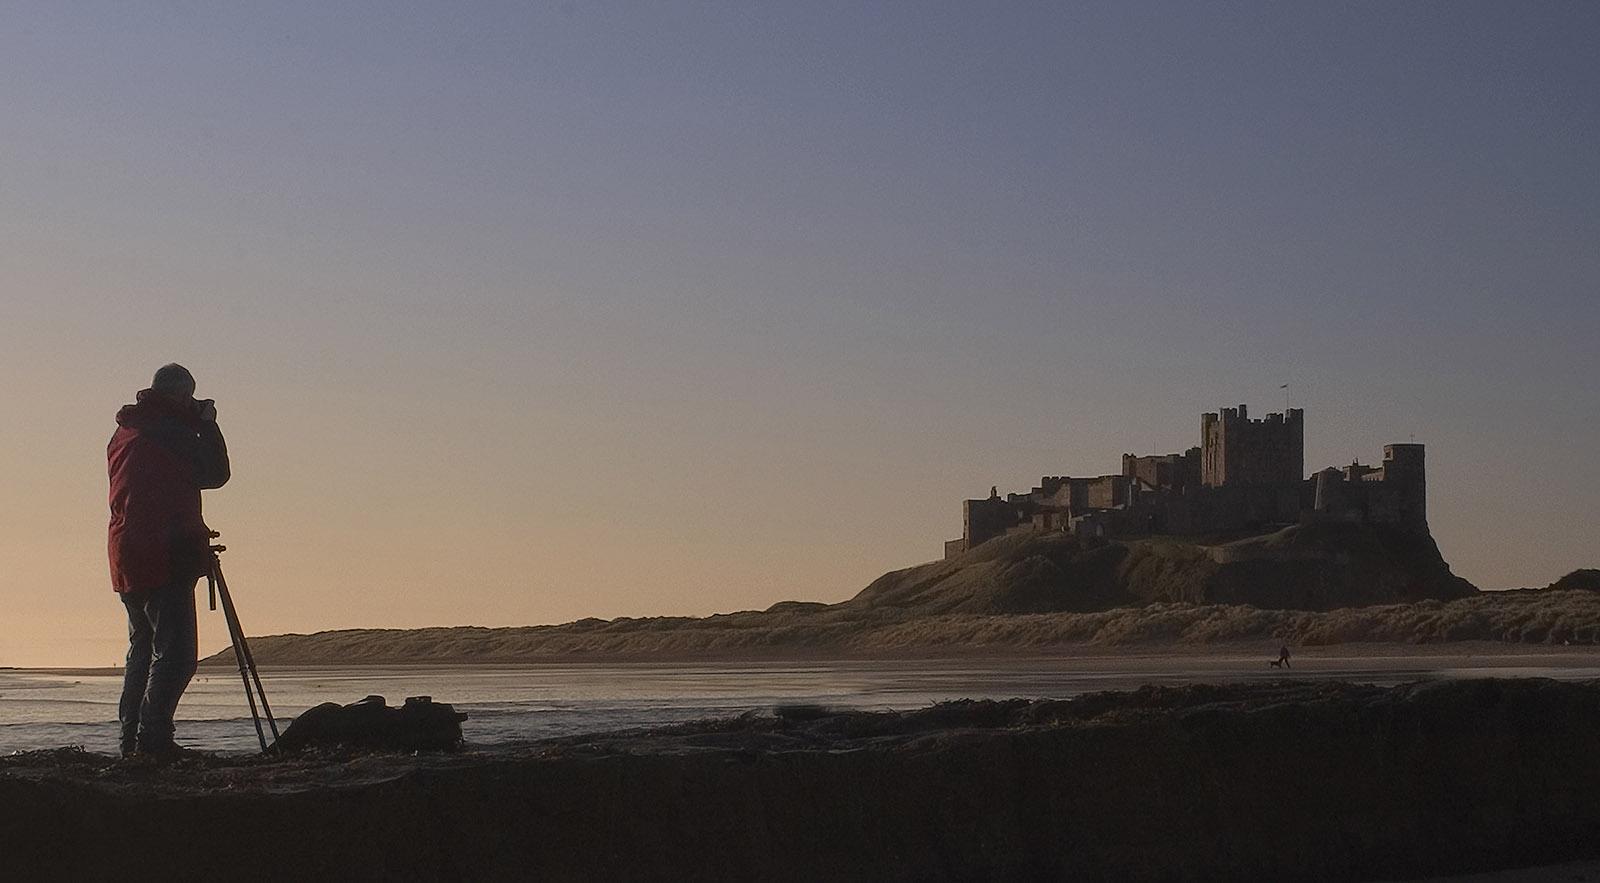 foto van man die foto maakt van oud kasteel op een berg bij de zee in avondlicht